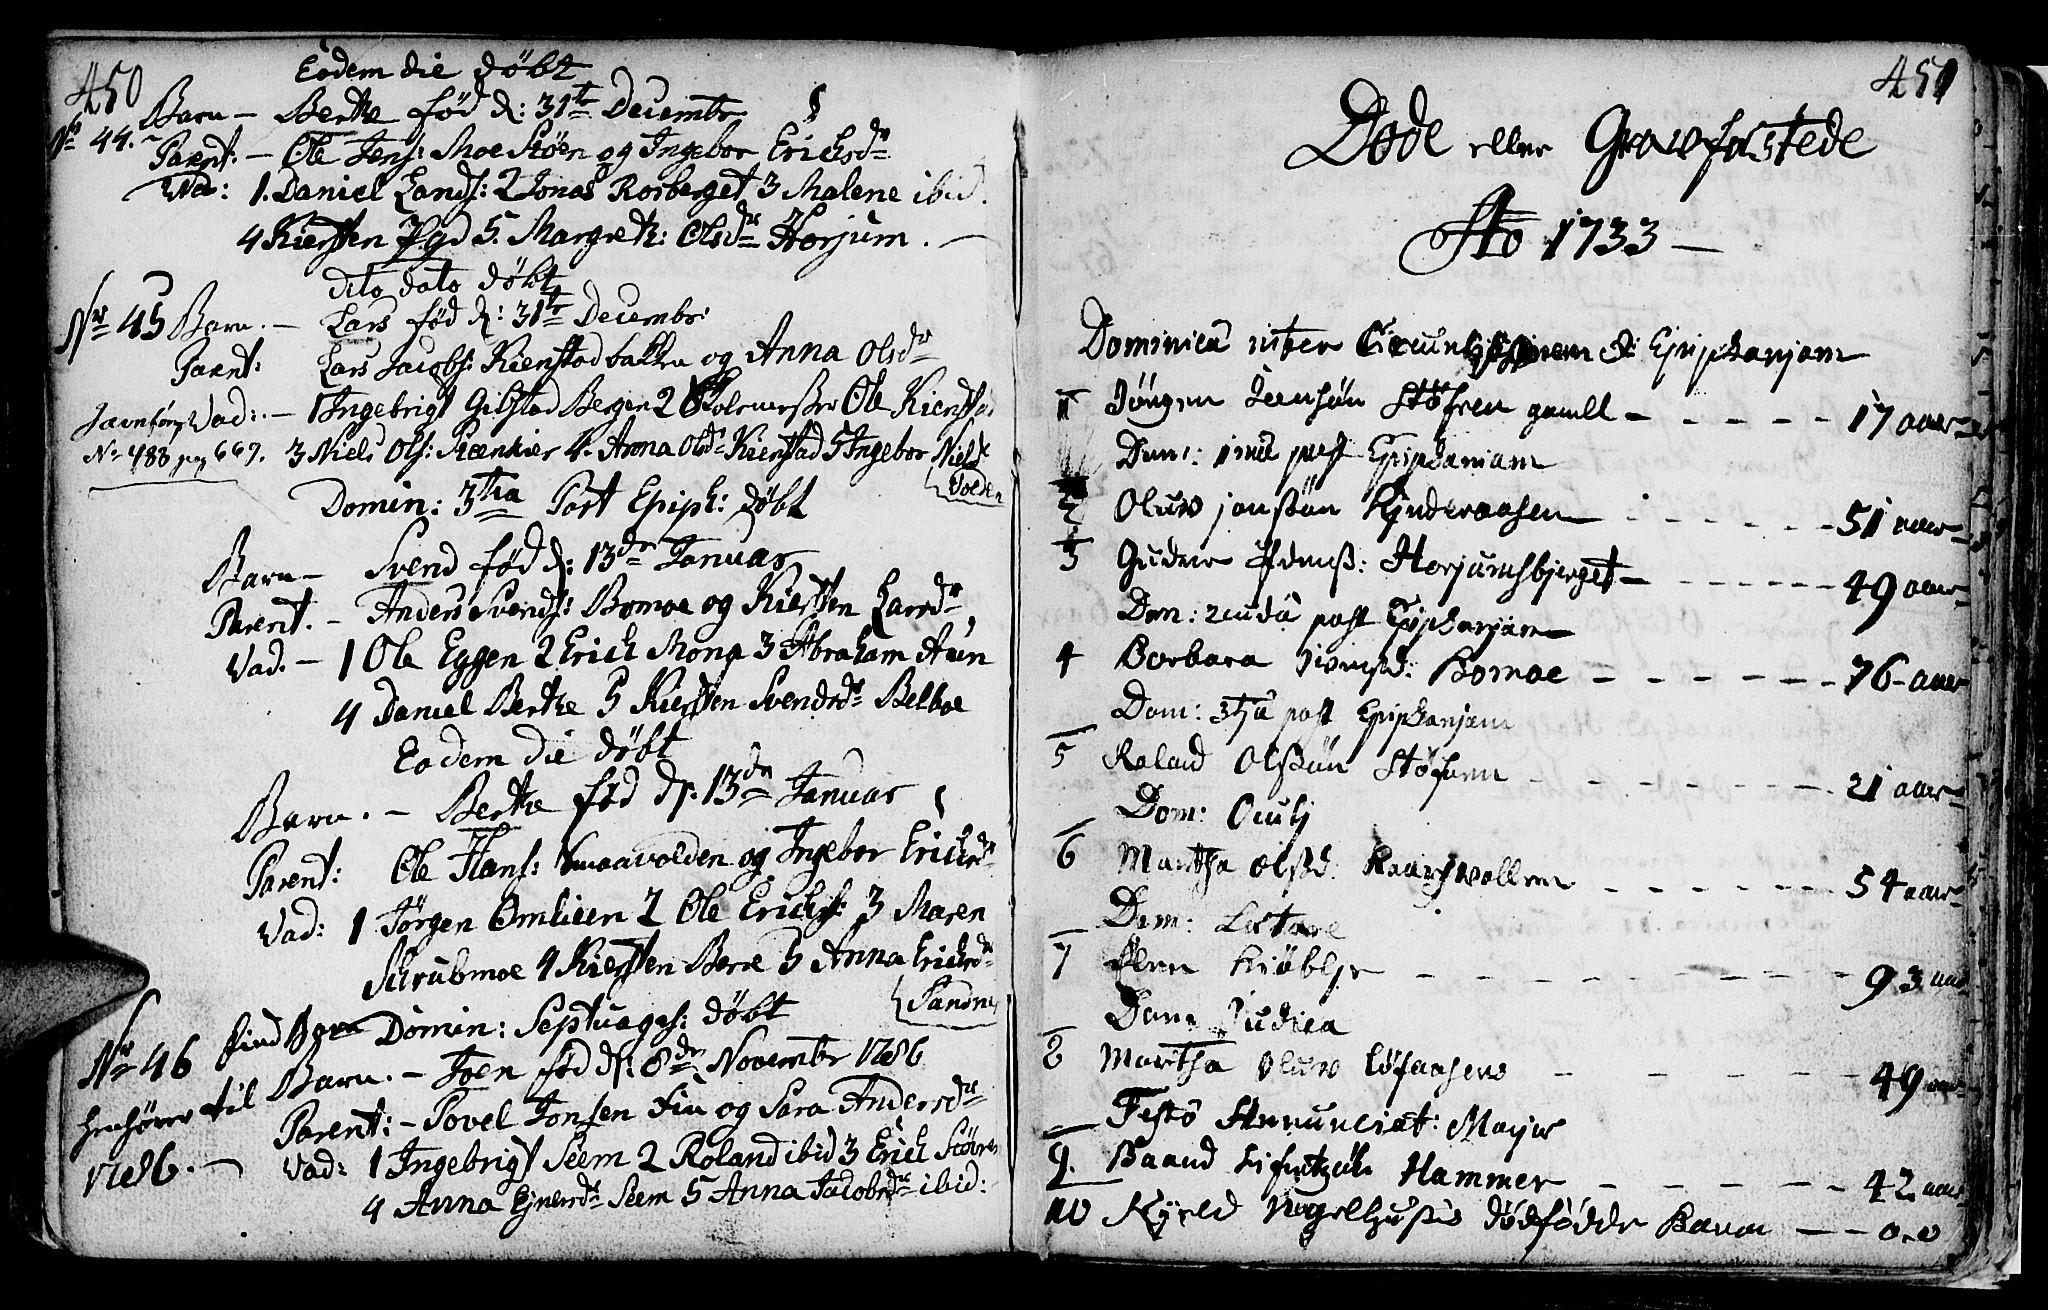 SAT, Ministerialprotokoller, klokkerbøker og fødselsregistre - Nord-Trøndelag, 749/L0467: Ministerialbok nr. 749A01, 1733-1787, s. 450-451